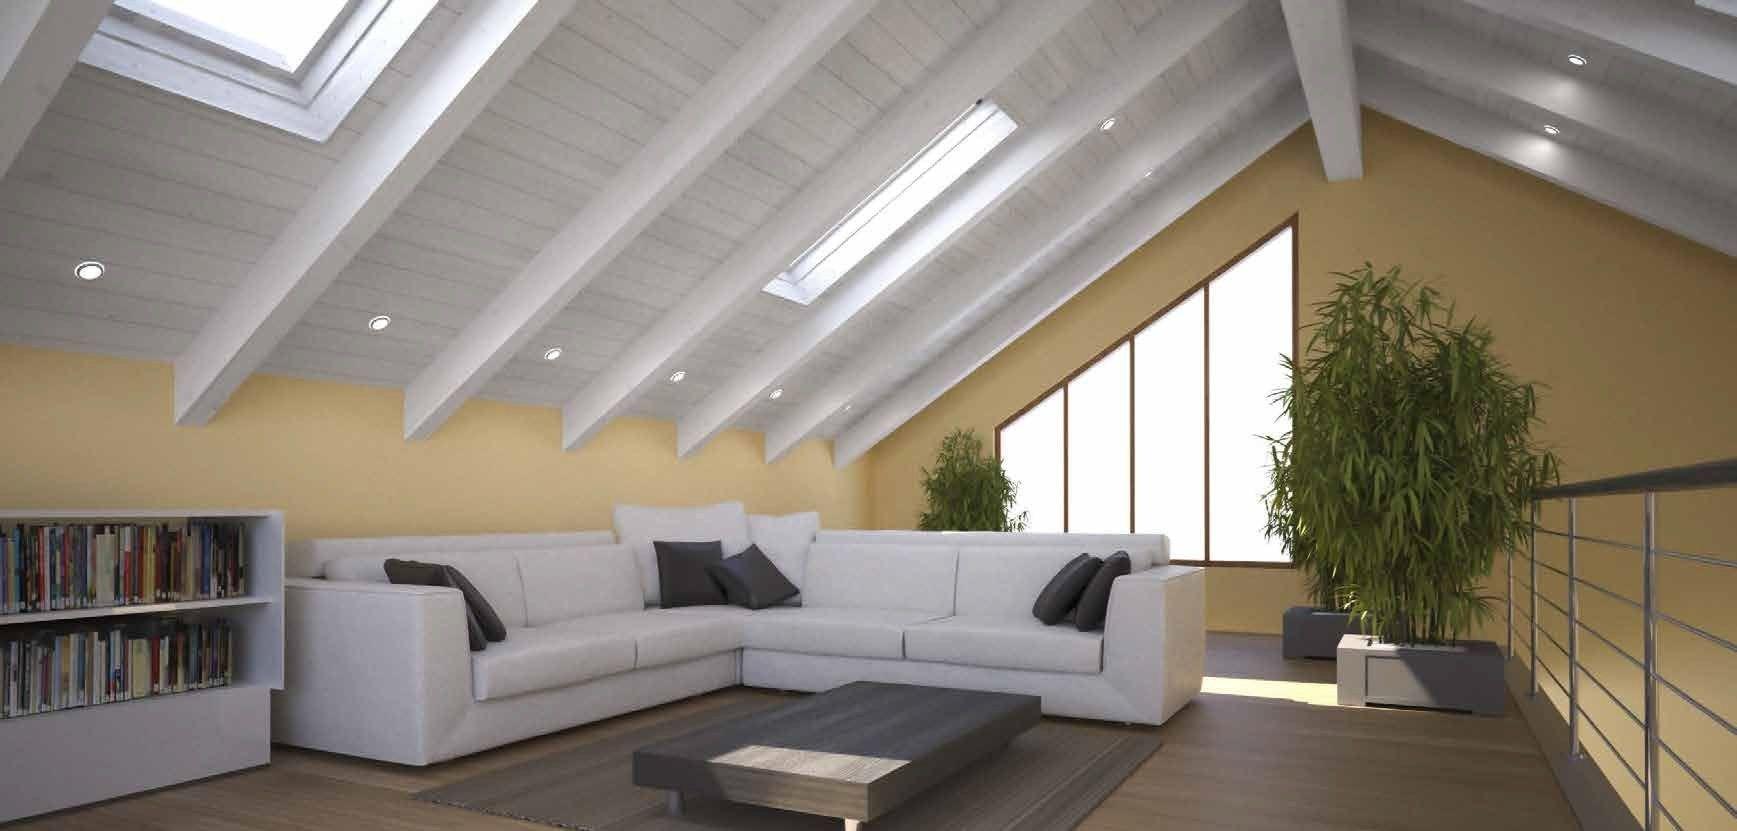 Faretti tetto in legno design per la casa idee per interni - Tetto in legno interno ...